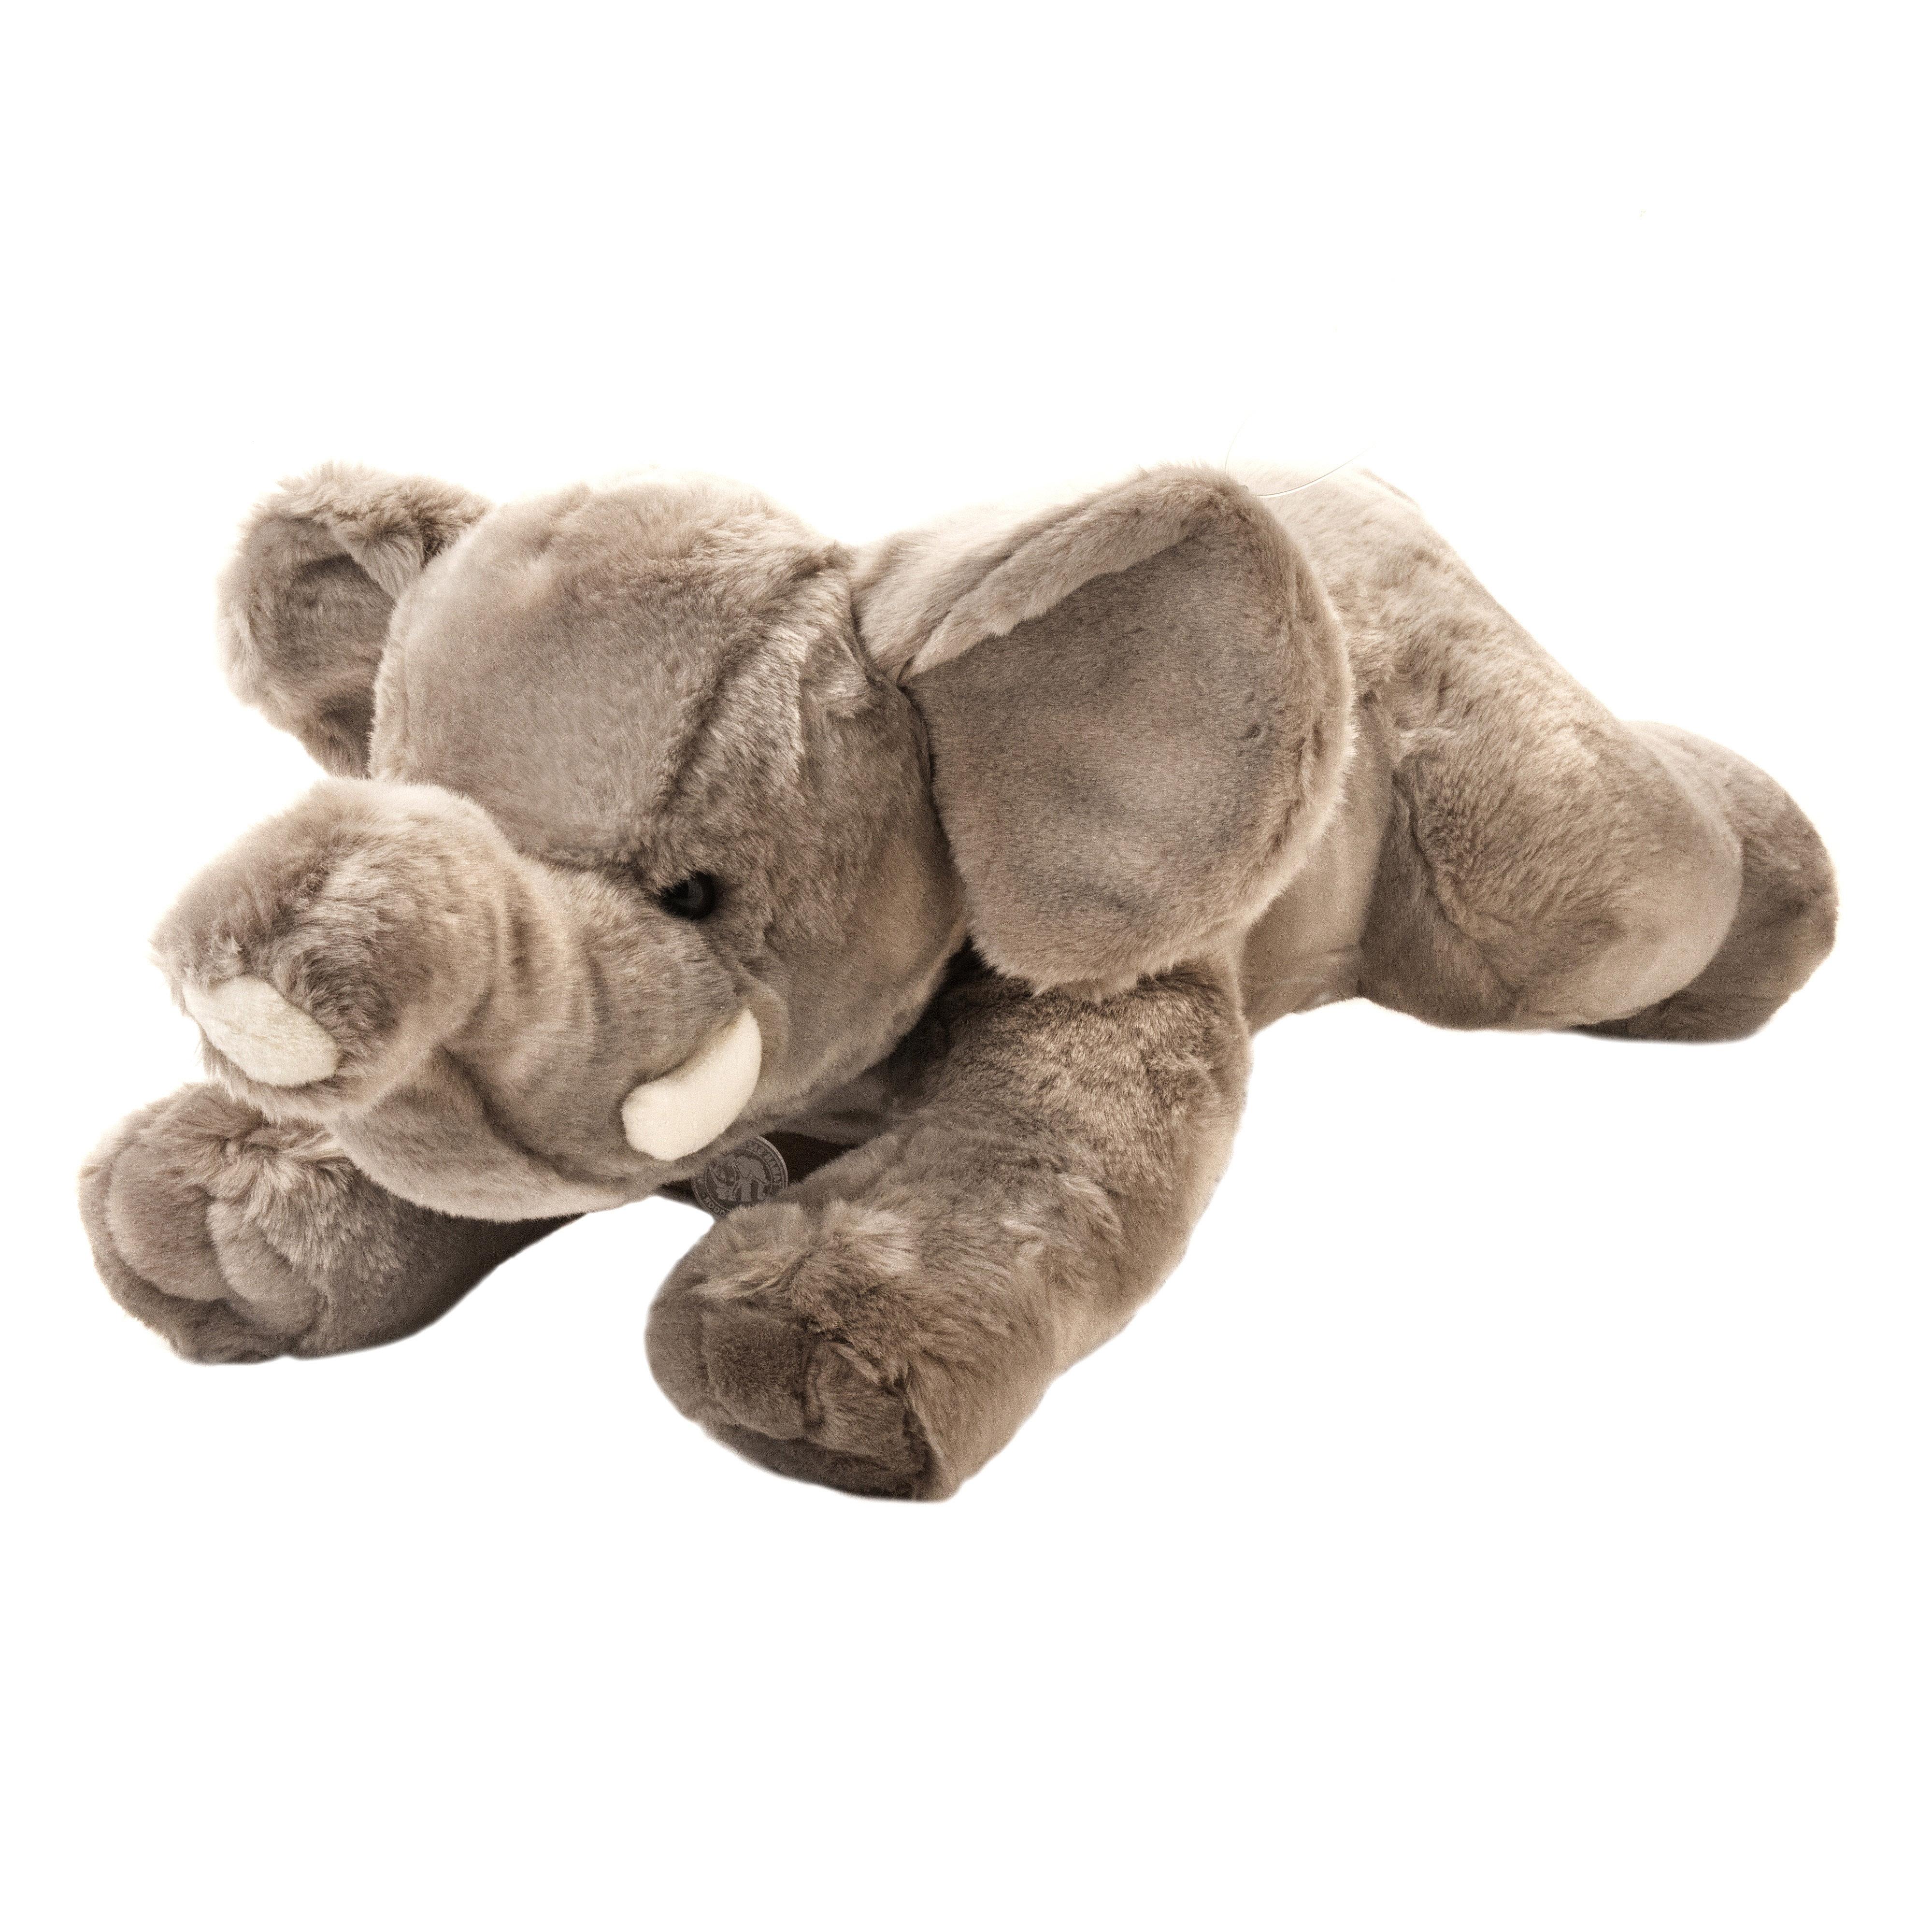 Floppy Elephant 32 L